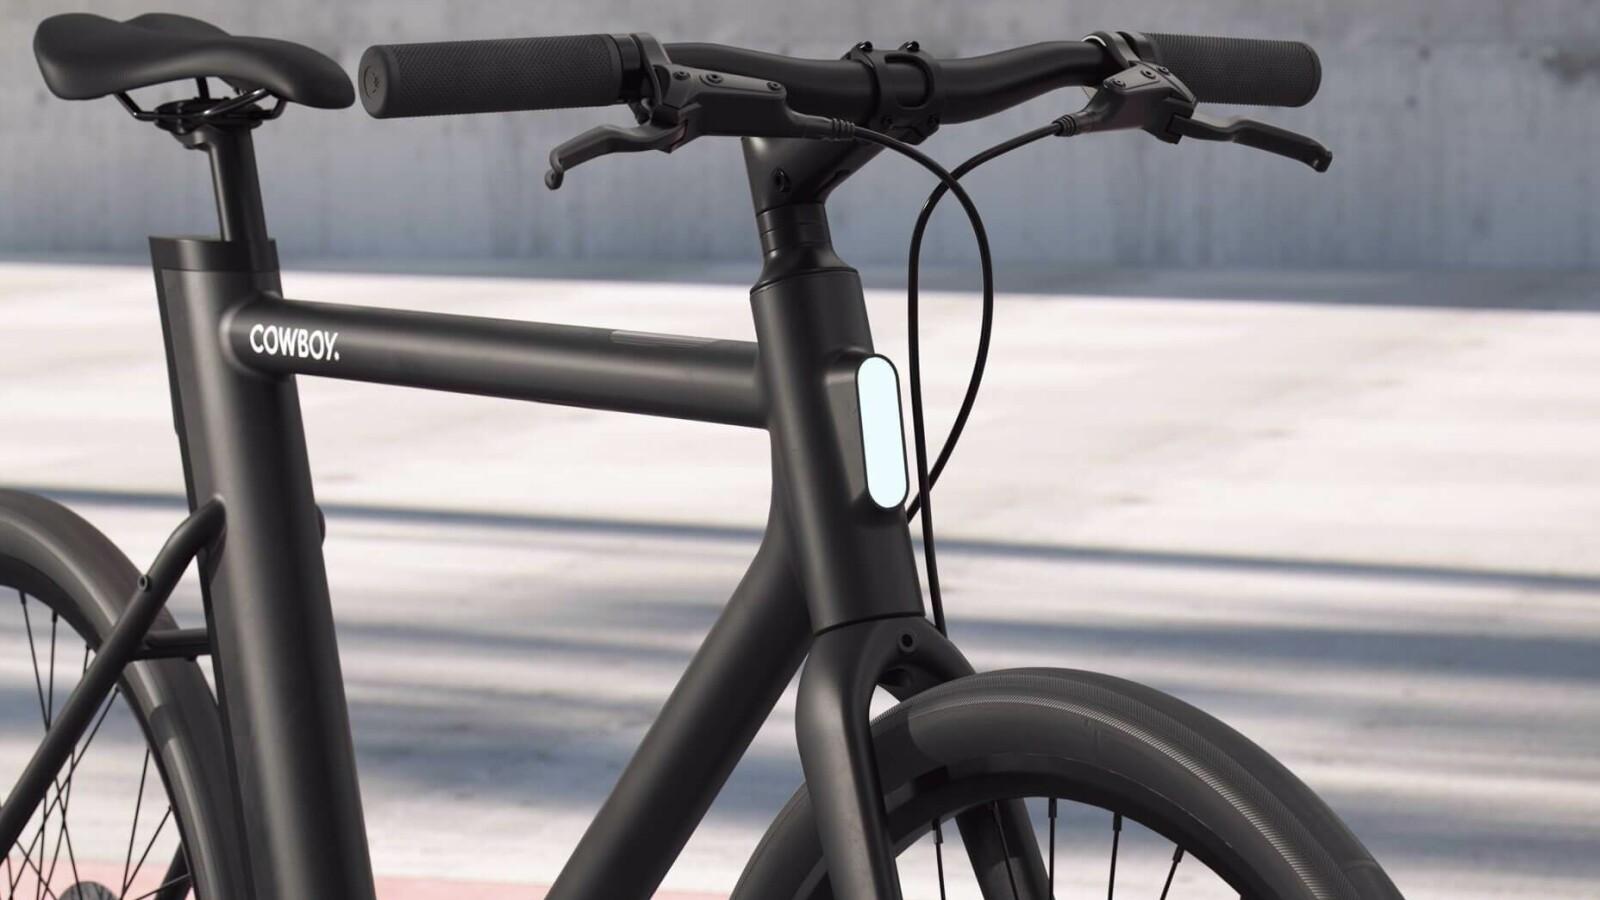 cowboy e bike fixie f r euro erreicht deutschland netzwelt. Black Bedroom Furniture Sets. Home Design Ideas